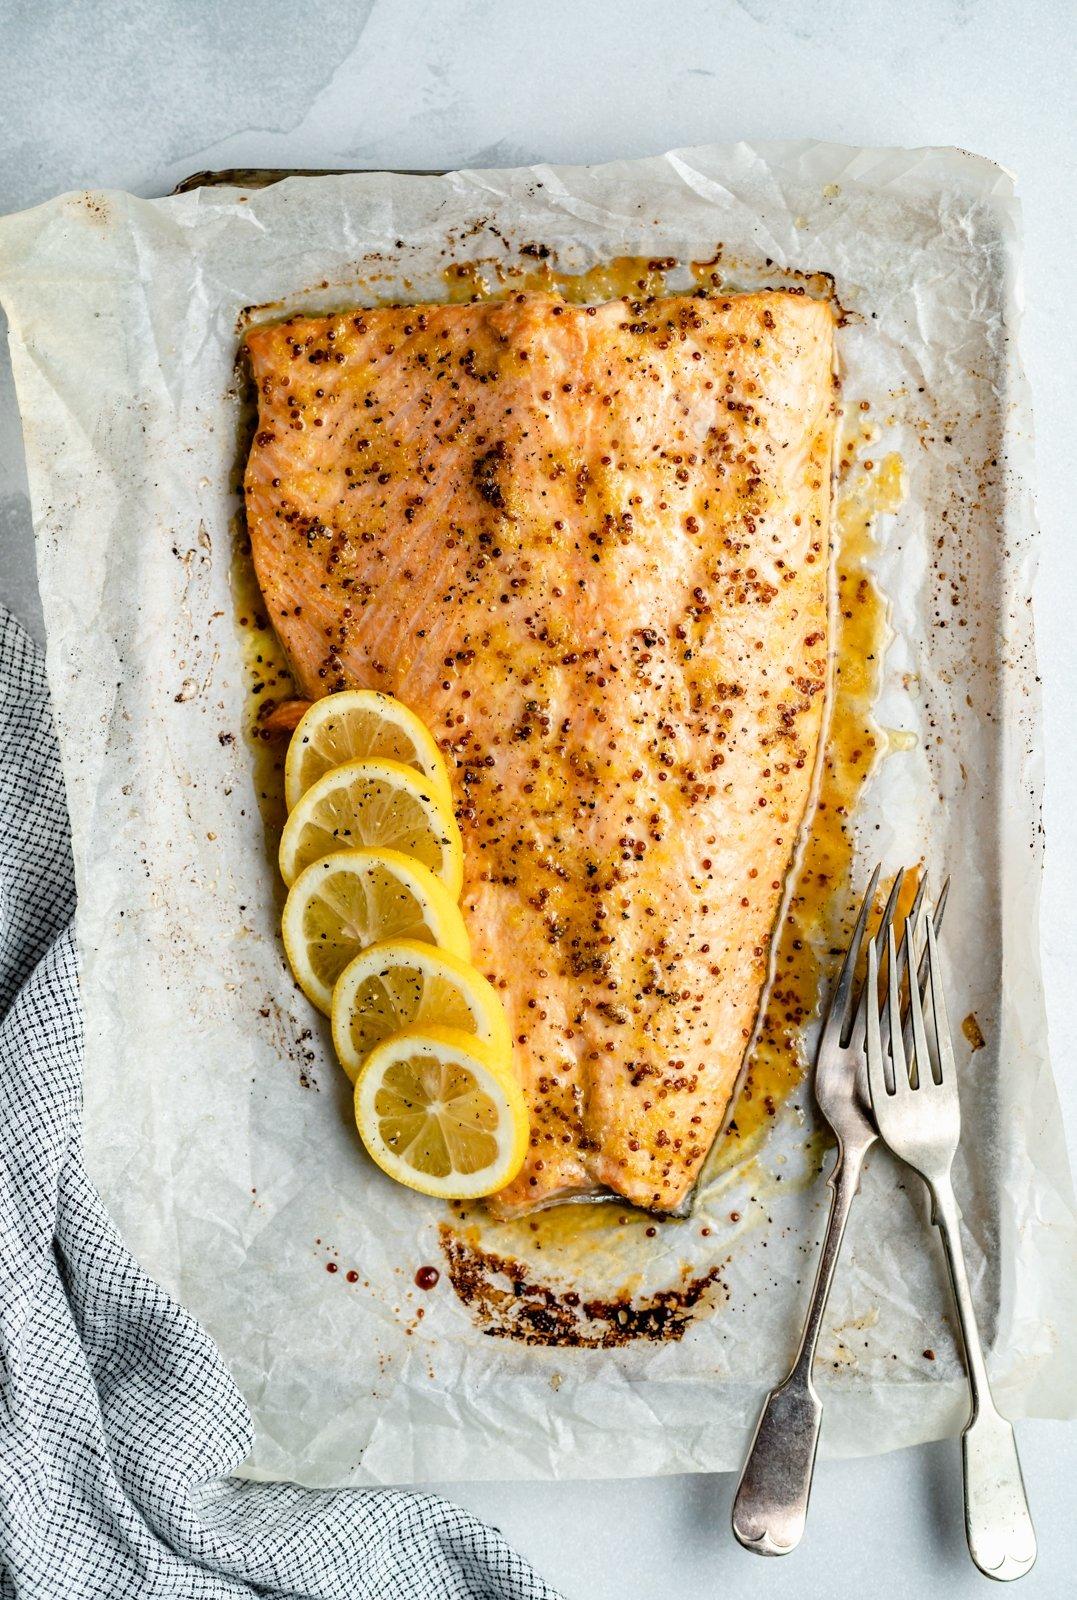 honey lemon garlic salmon on a baking sheet